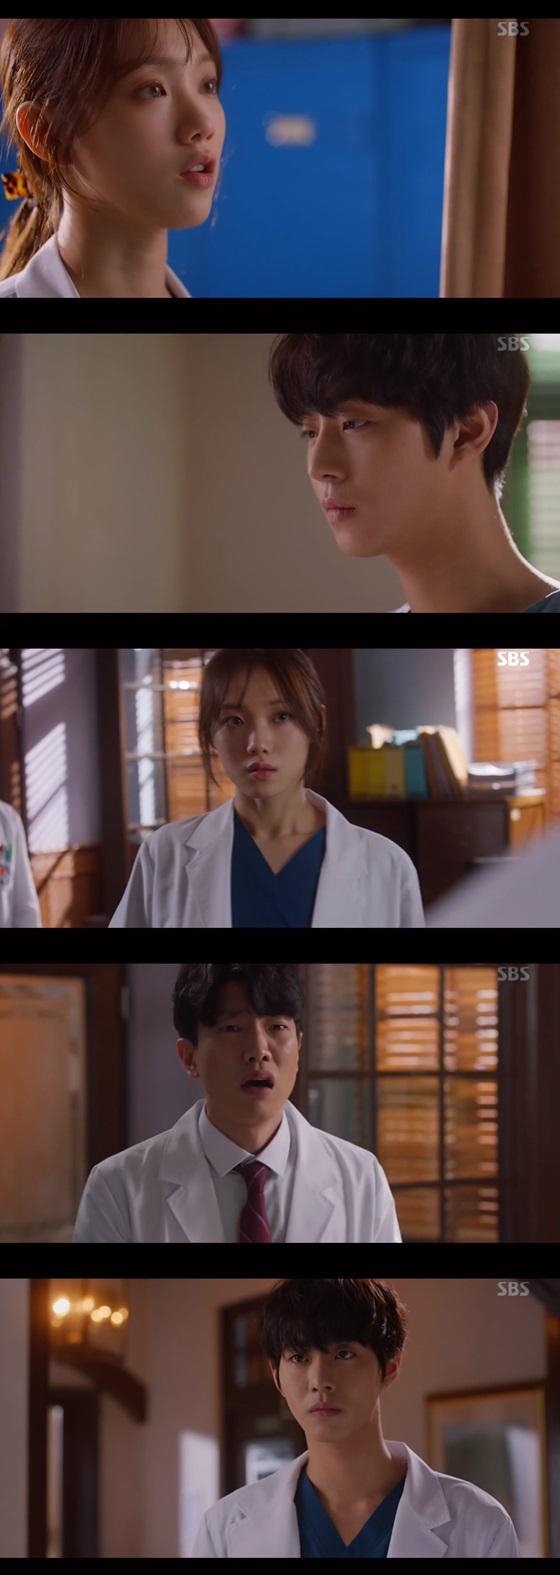 /사진= SBS 월화드라마 '낭만닥터 김사부 2' 방송화면 캡쳐.